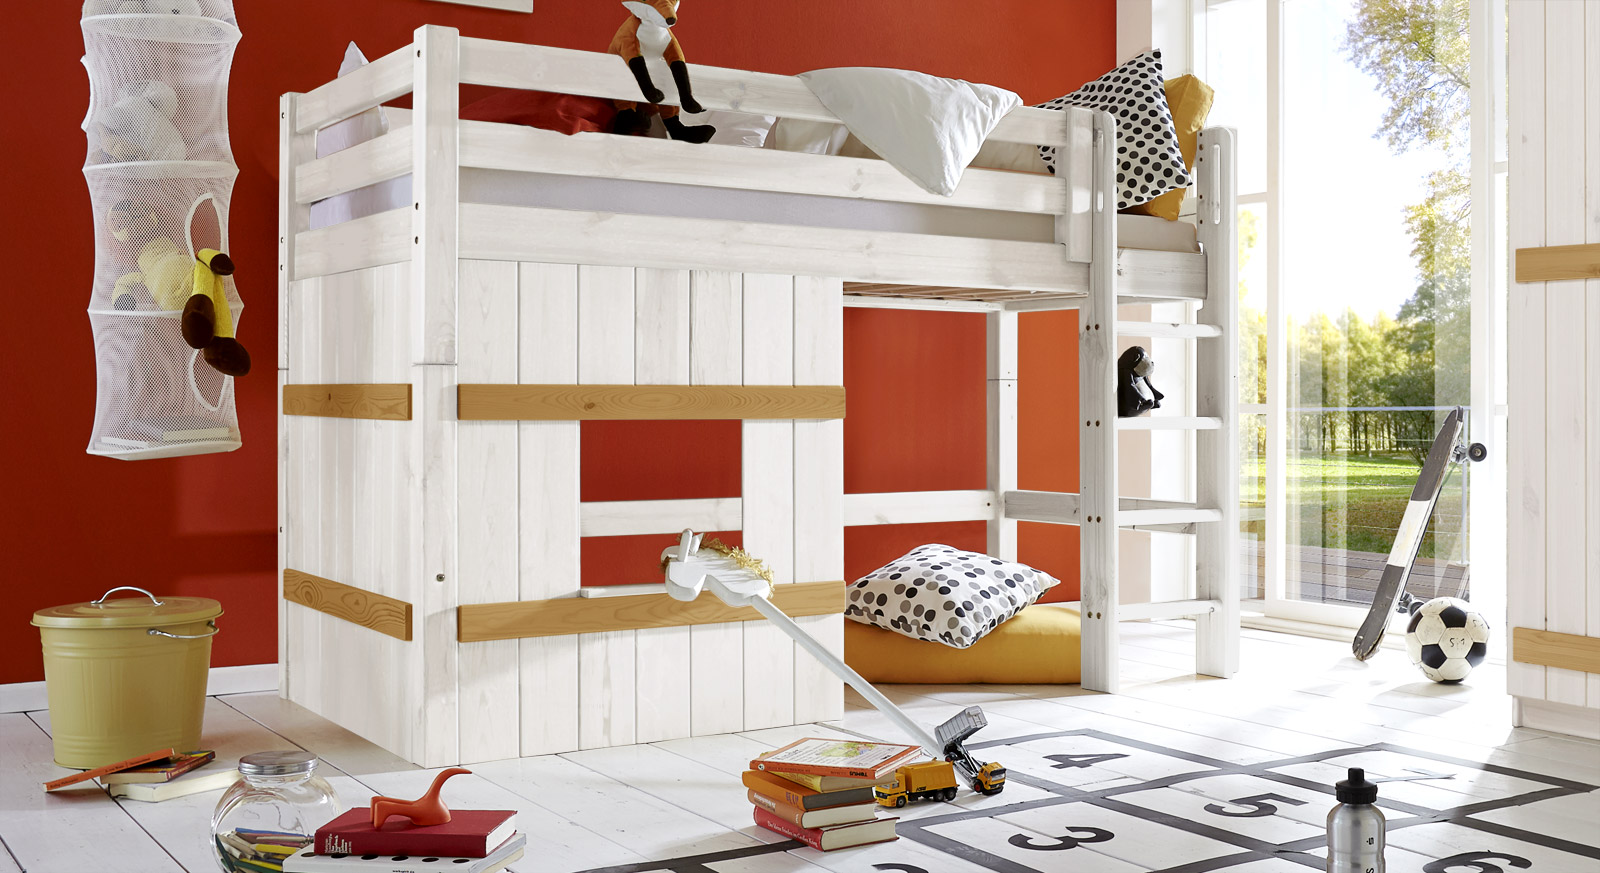 Hütten-Hochbett Kids Paradise Basic in 140cm Höhe in Weiß/Gelaugt mit gerader Leiter